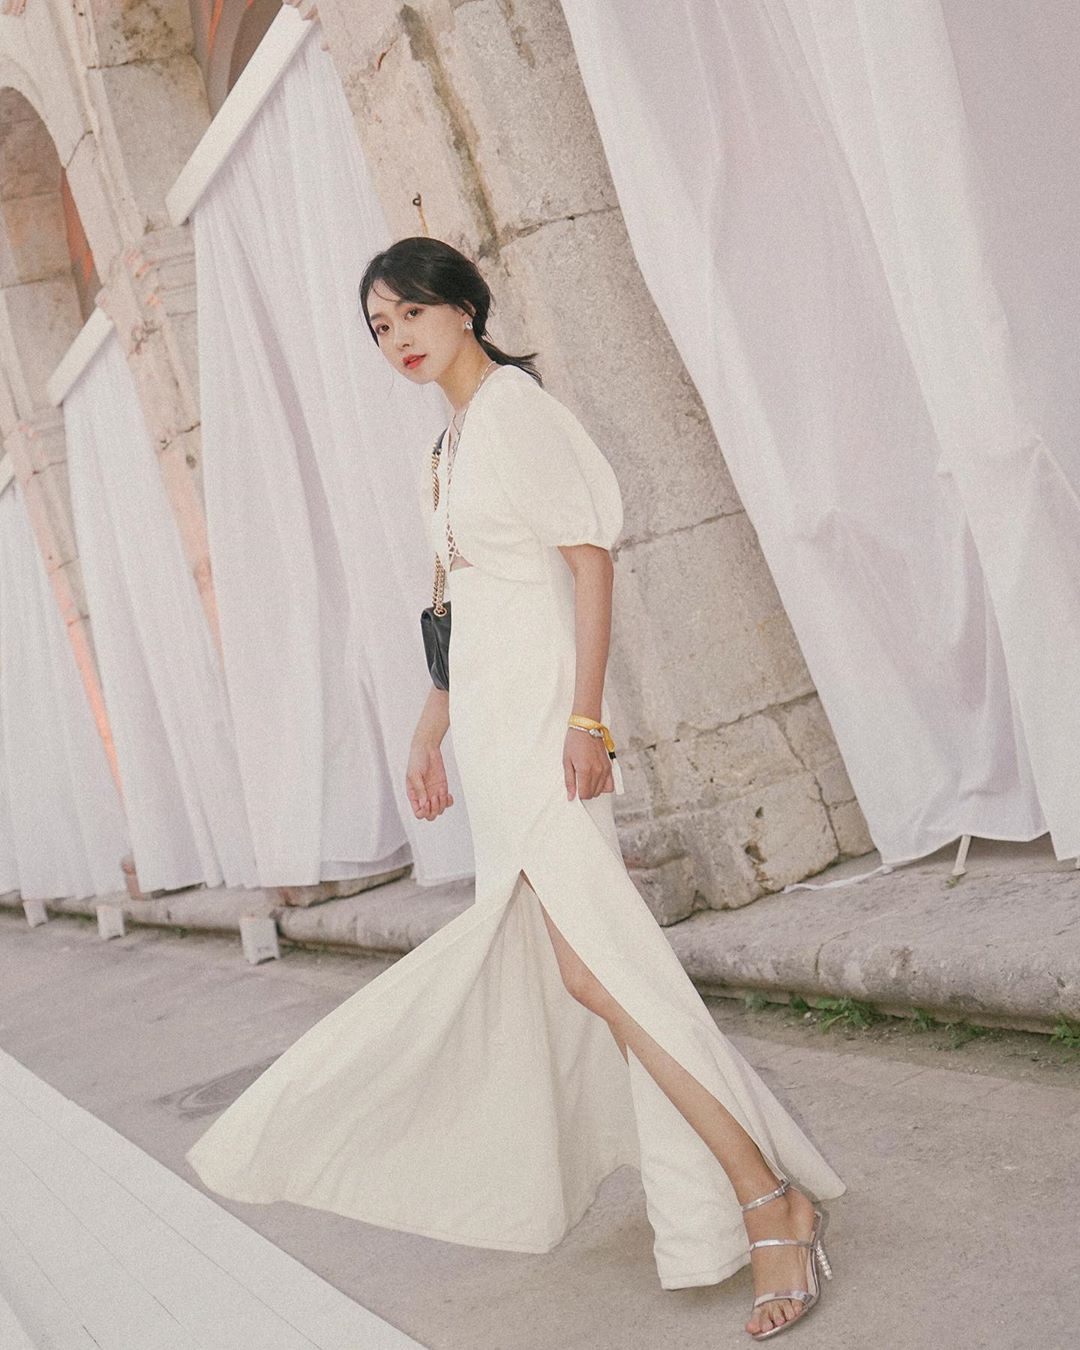 Không kiểu váy nào vượt qua được váy dáng dài về độ sang chảnh, yêu kiều và hợp rơ với tiết trời se lạnh-14